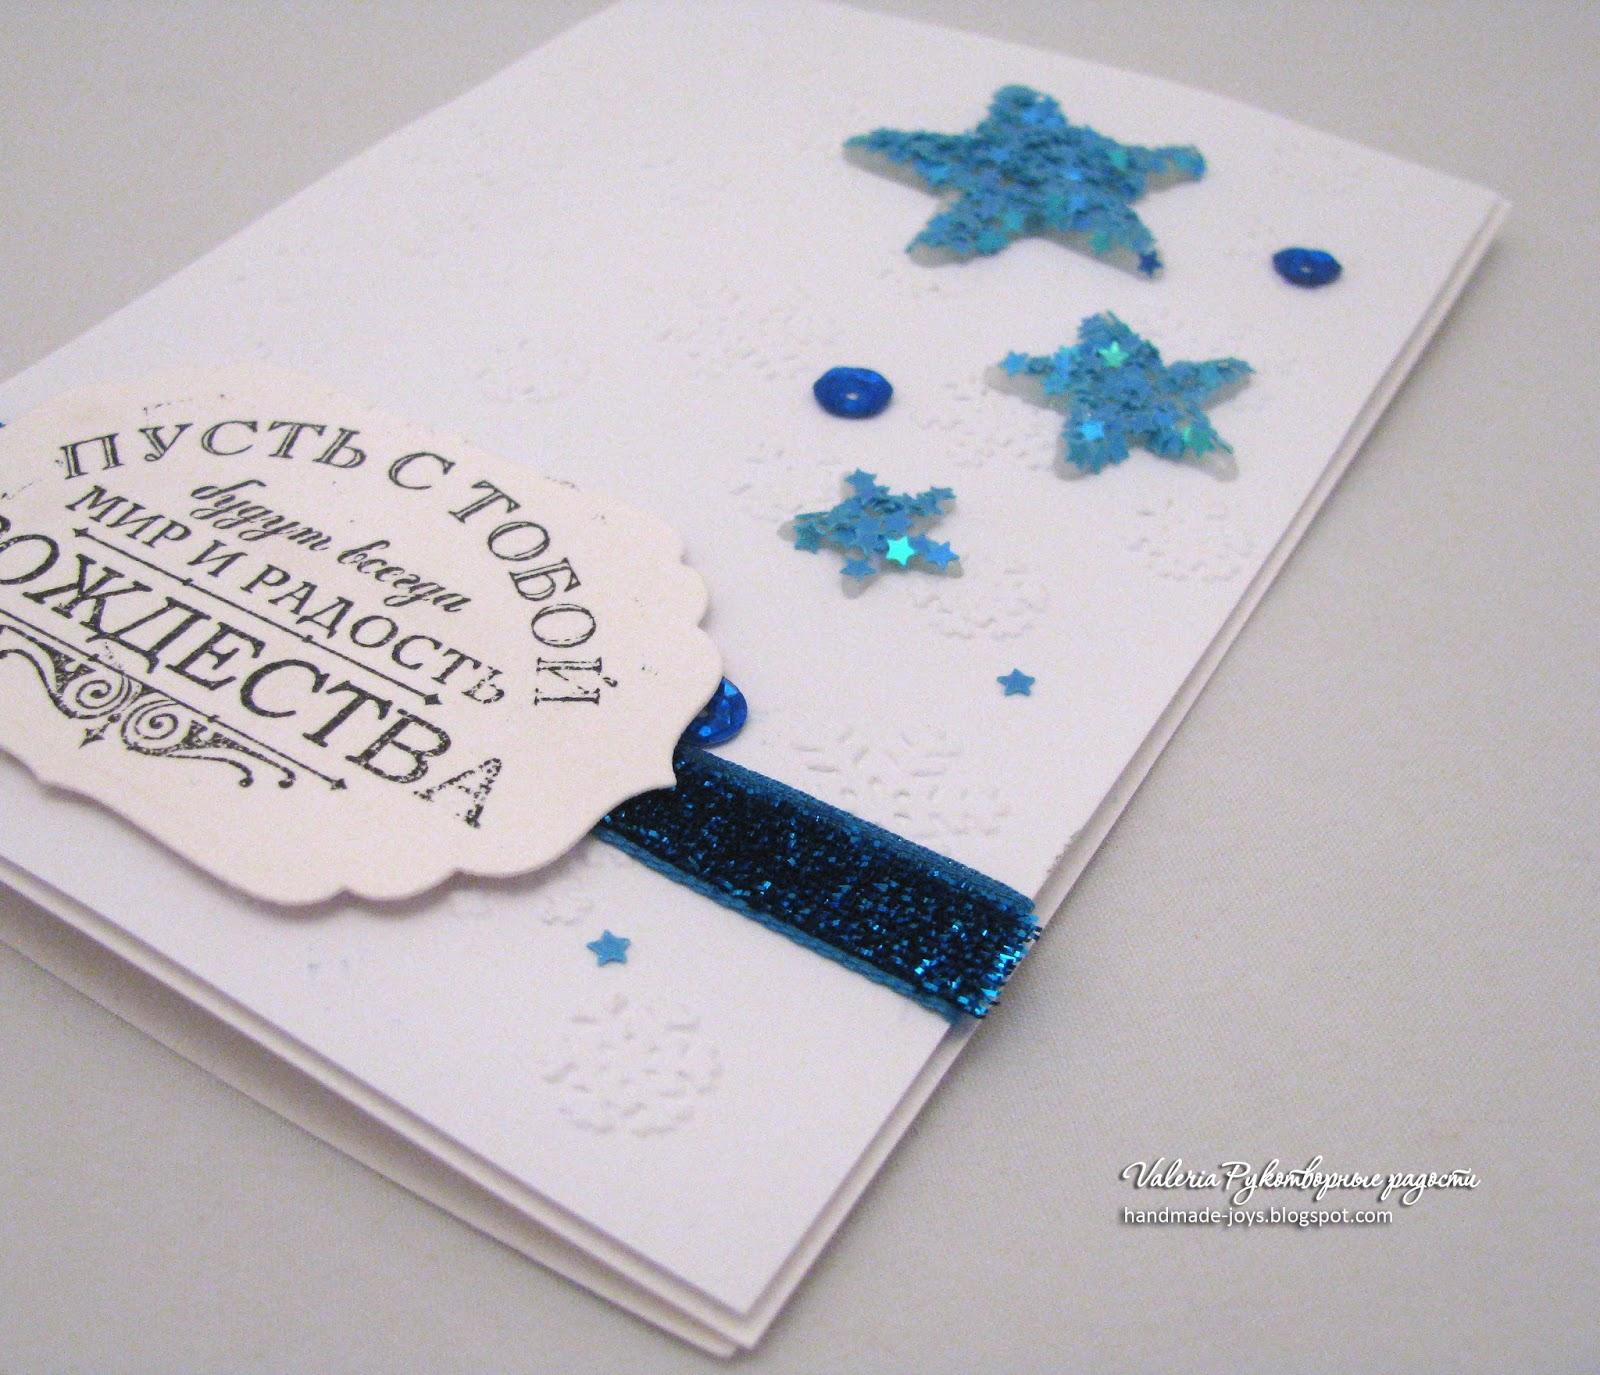 Как сделать открытку блестяшками, которые меняются угла